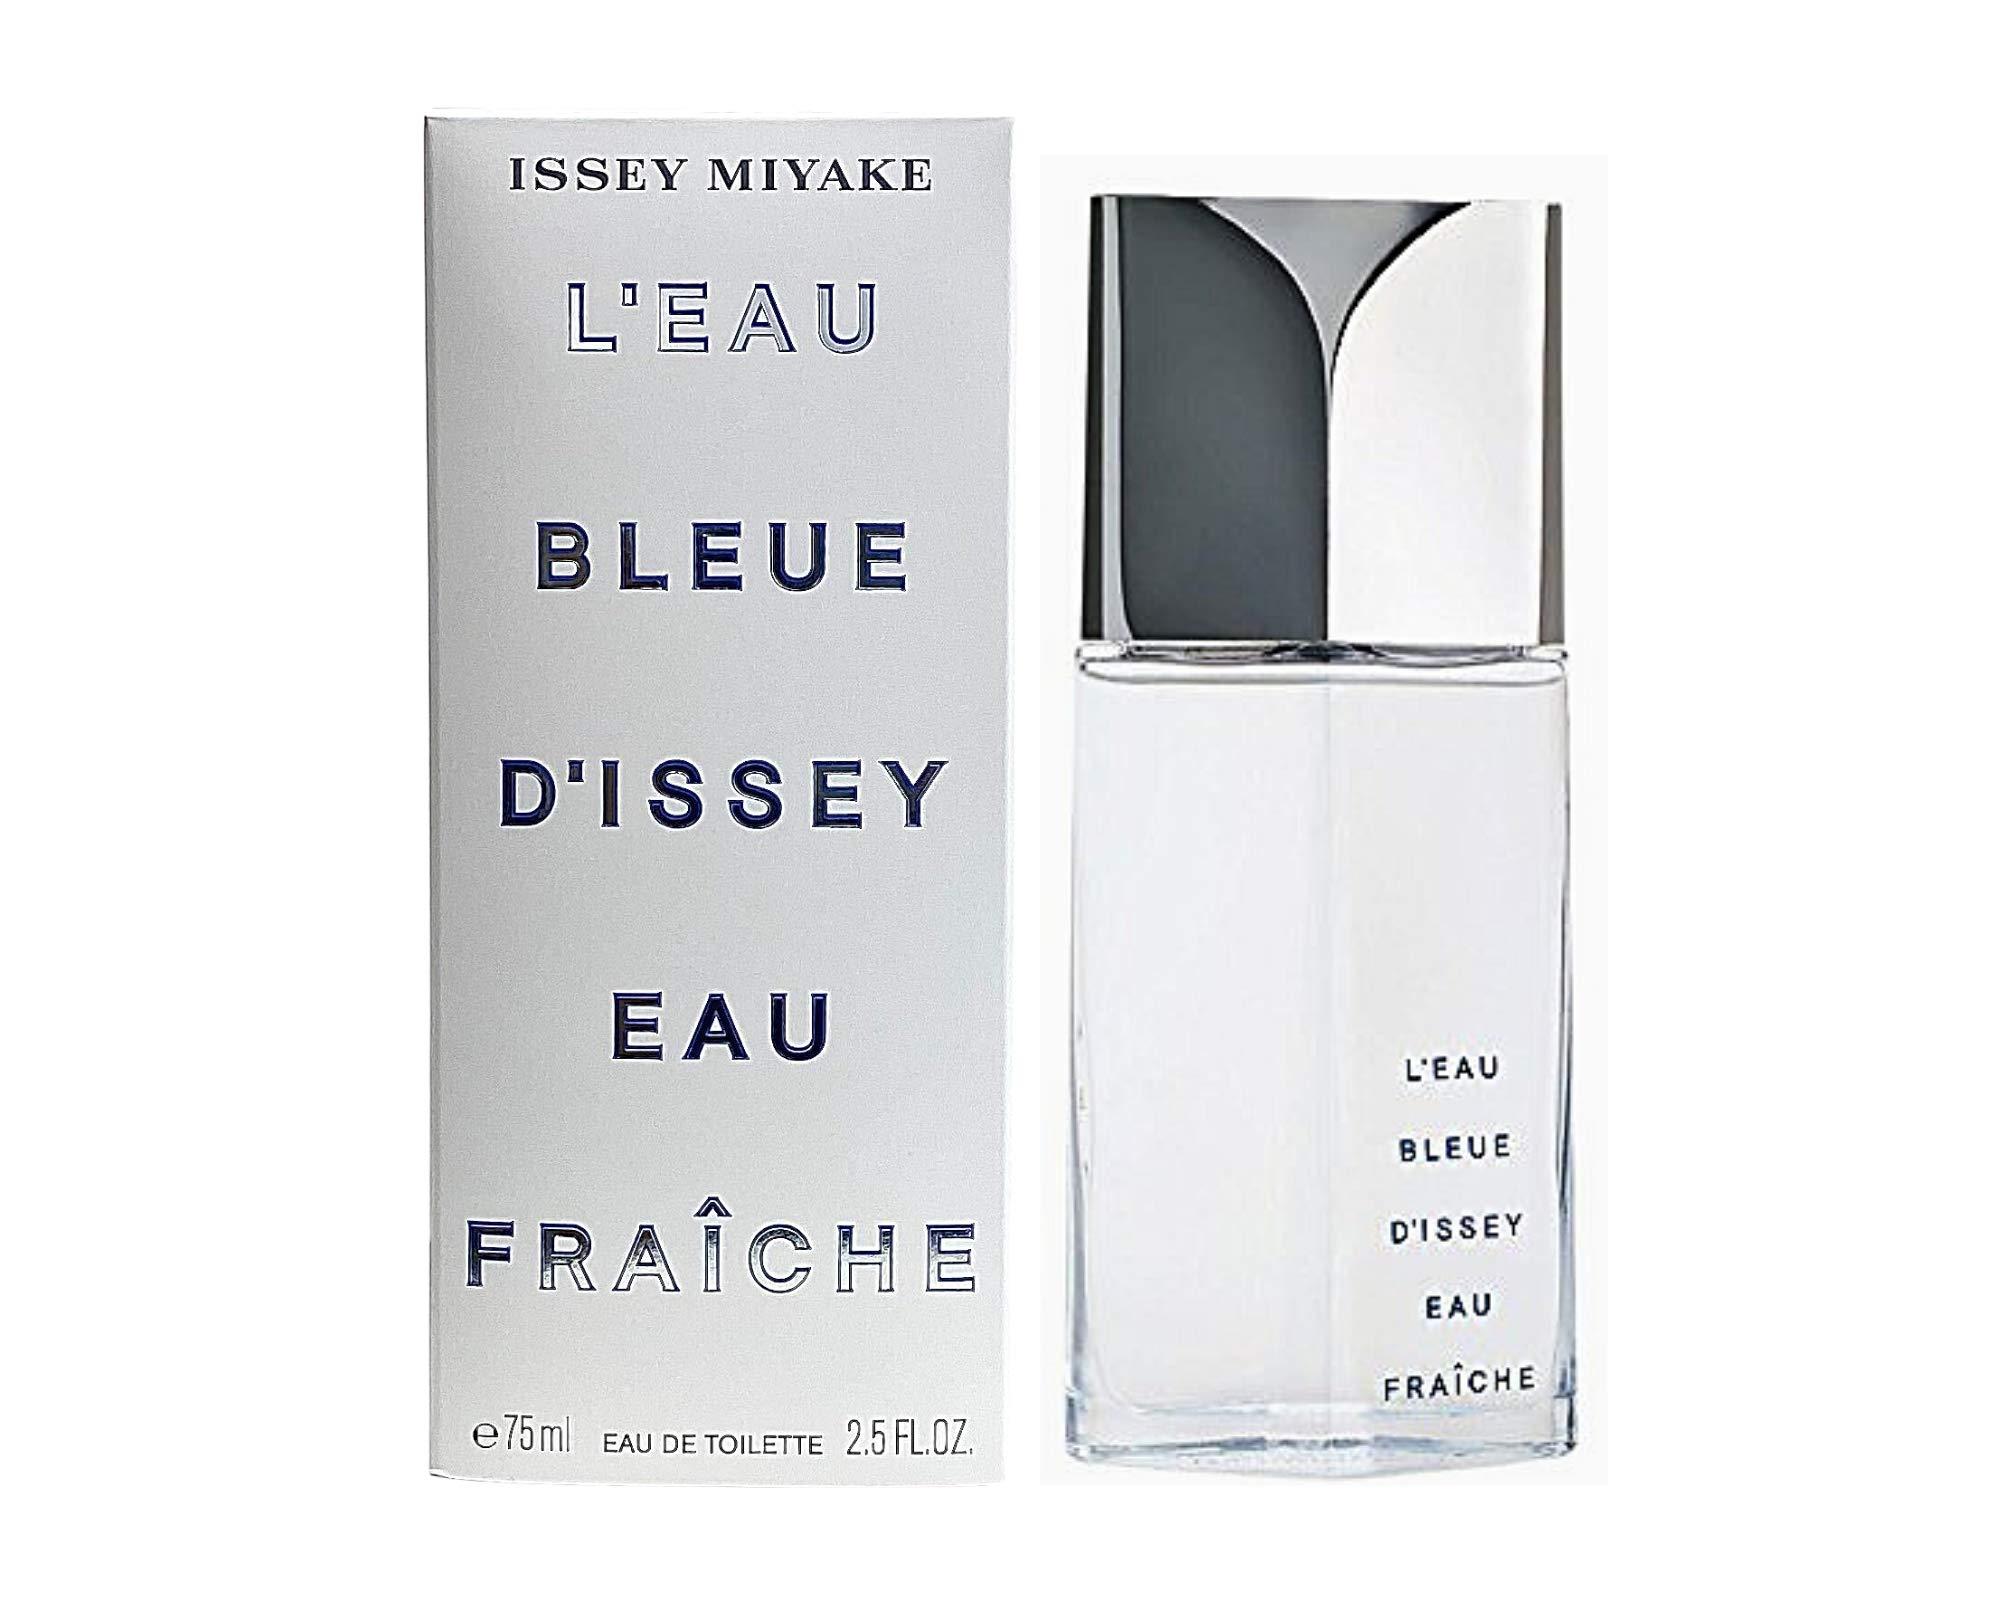 L'Eau Bleue by Issey Miyake Eau De Toilette For Men, 75ml